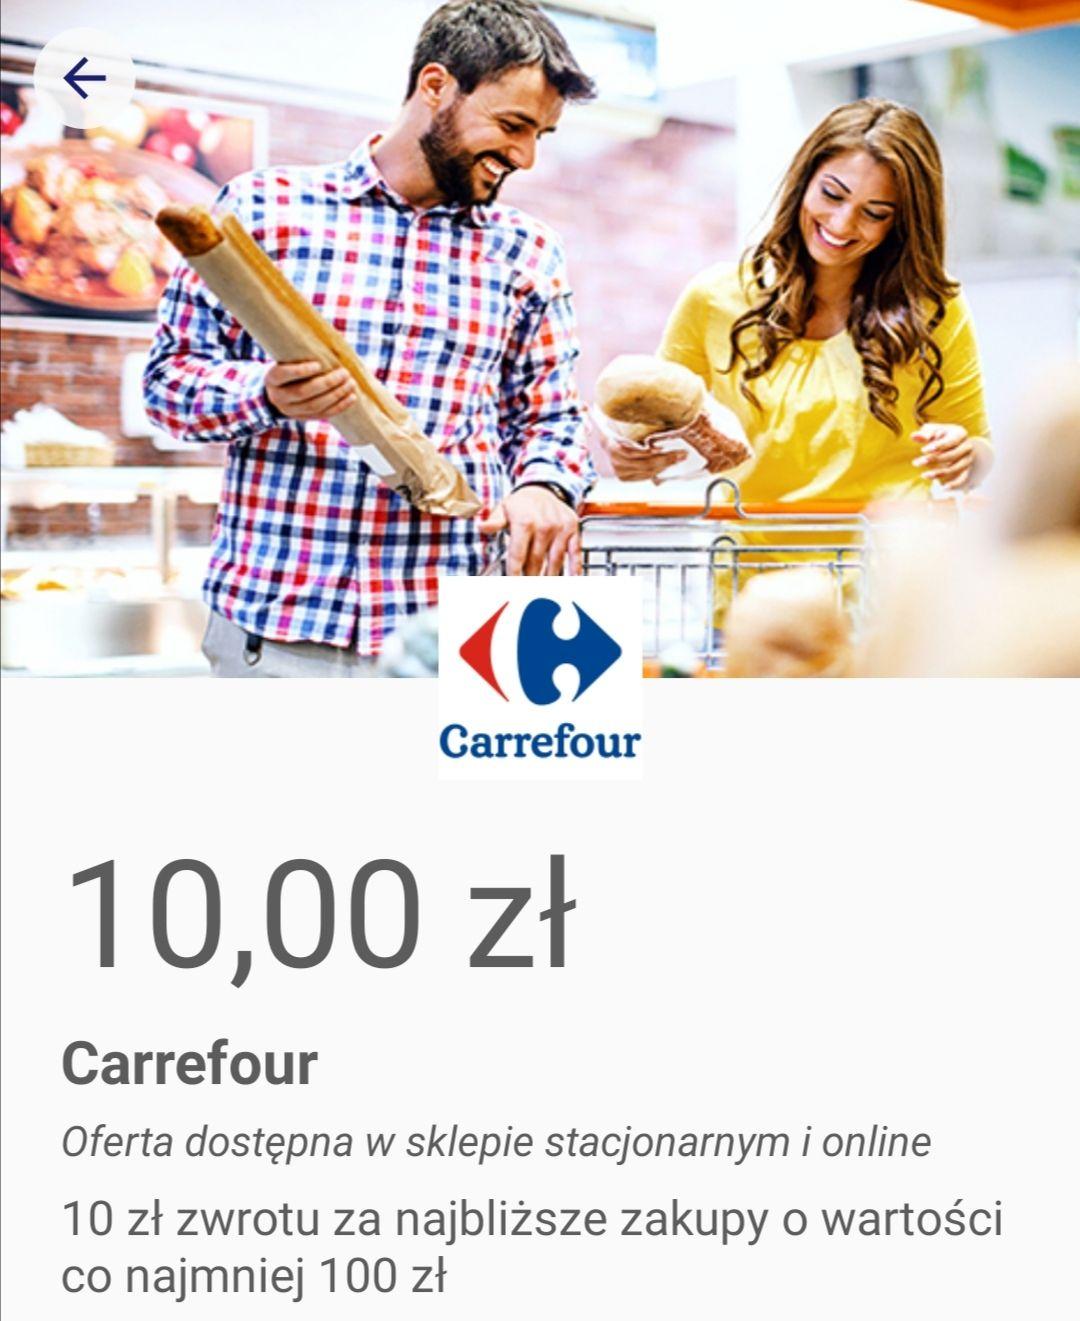 Carrefour 10 zł zwrotu od Visa Oferty. Dodatkowo w weekendy kupon - 10% na zakupy w aplikacji mobilnej.